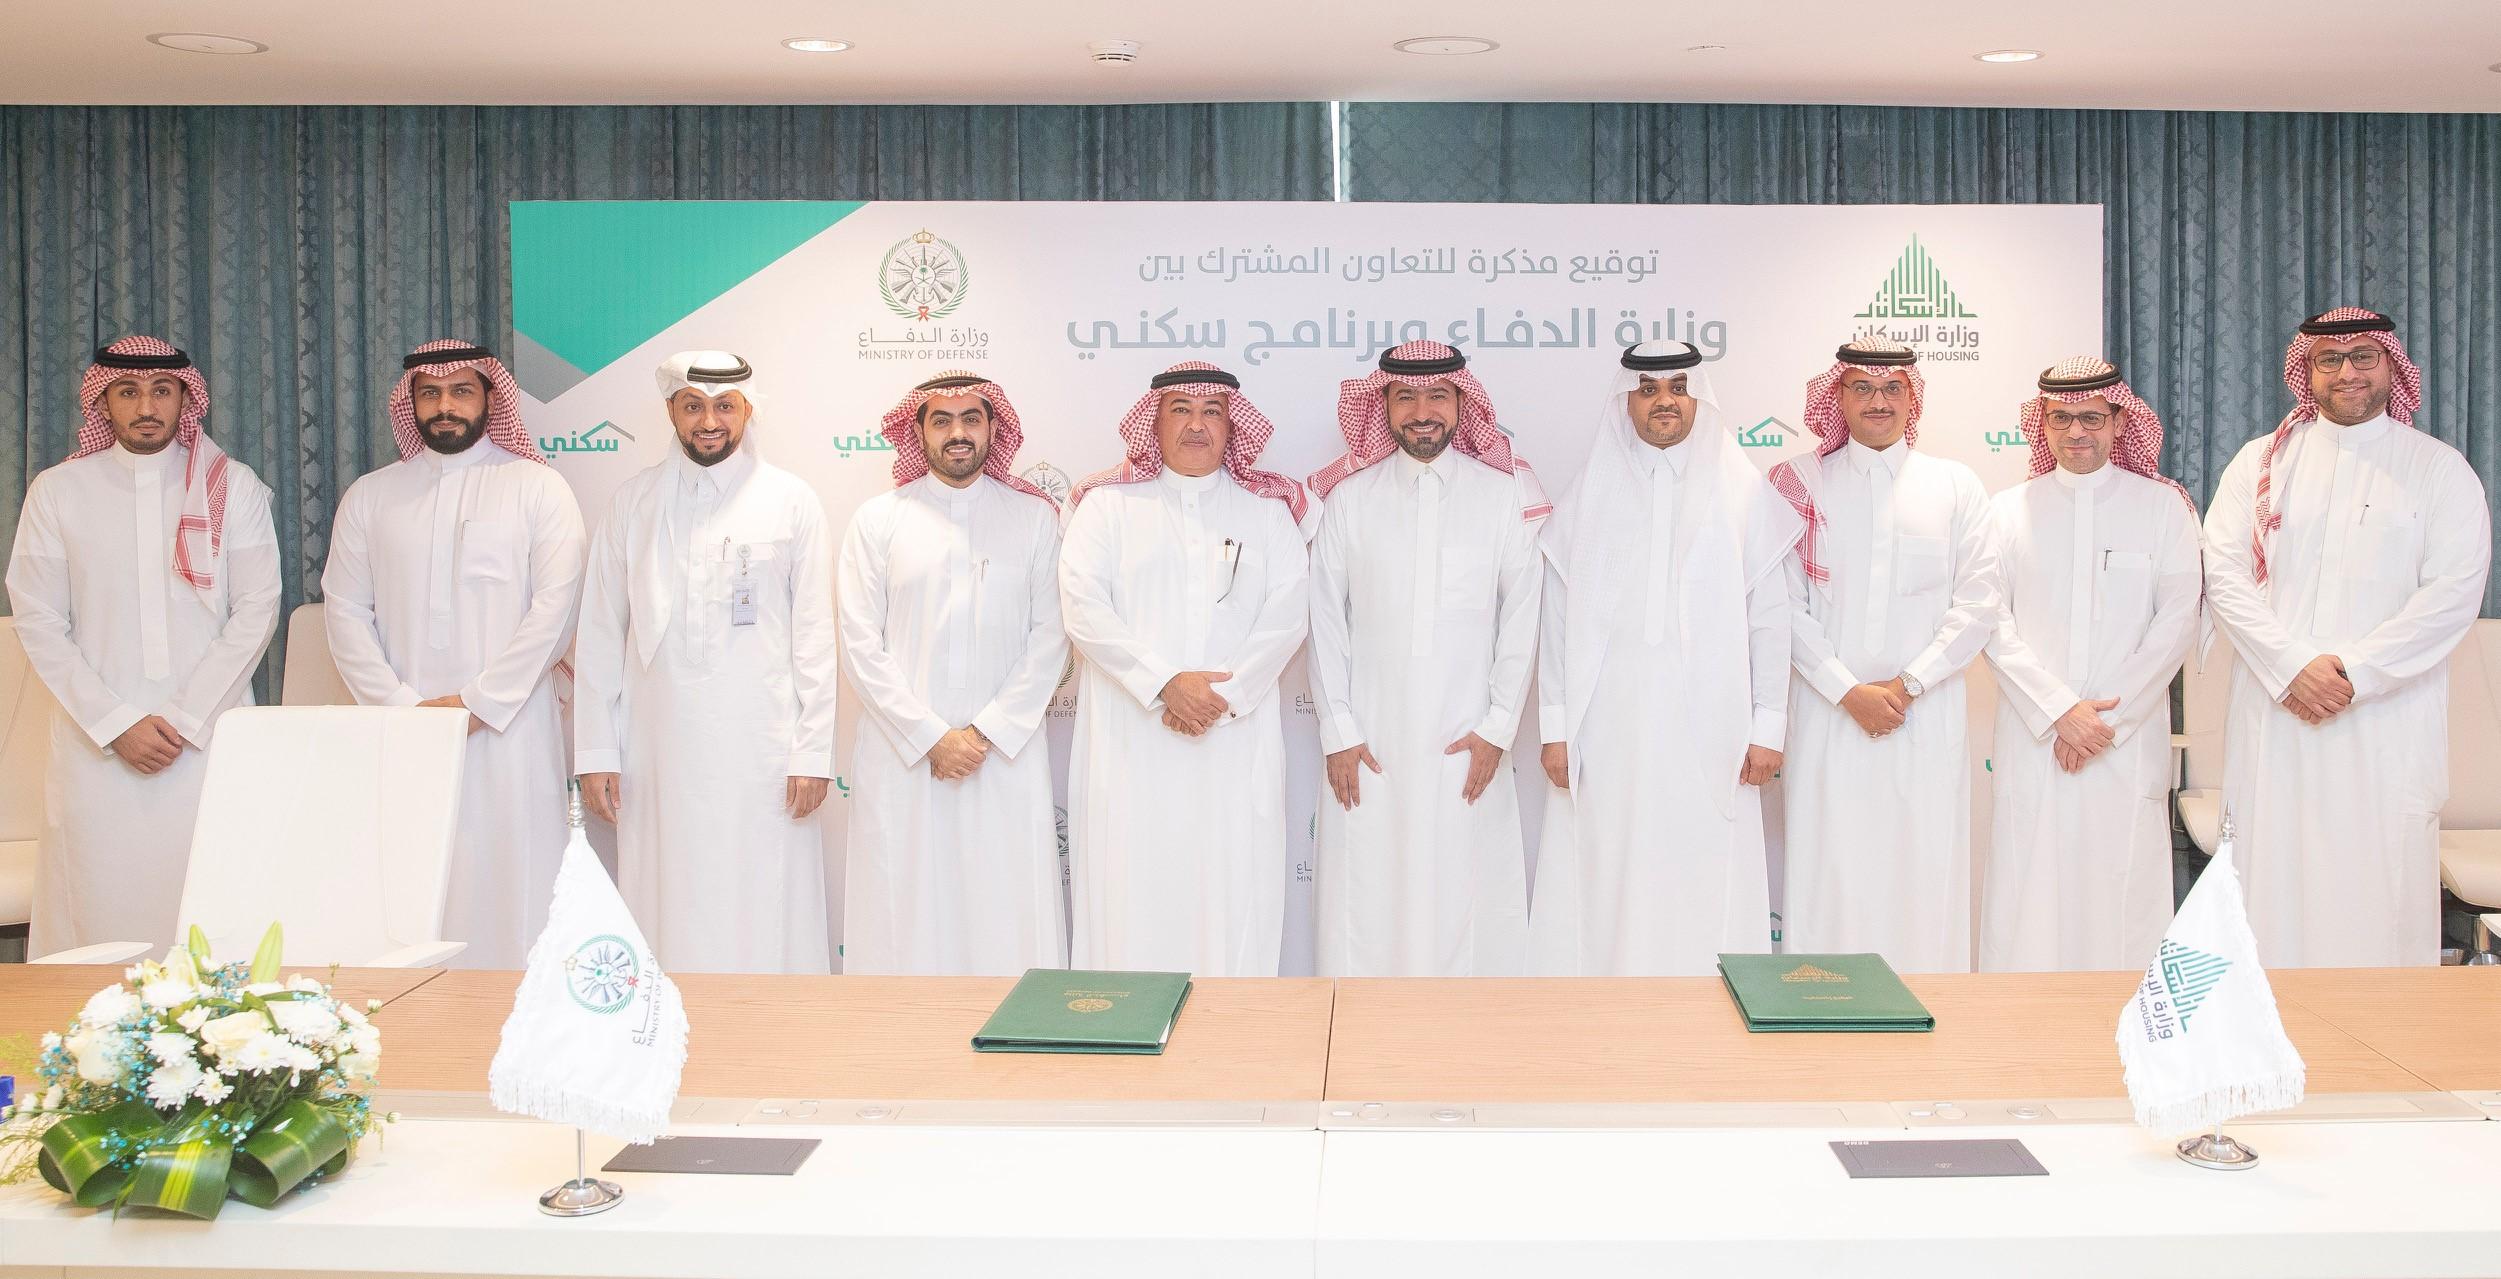 الصورة الجماعية لتوقيع الاتفاقية